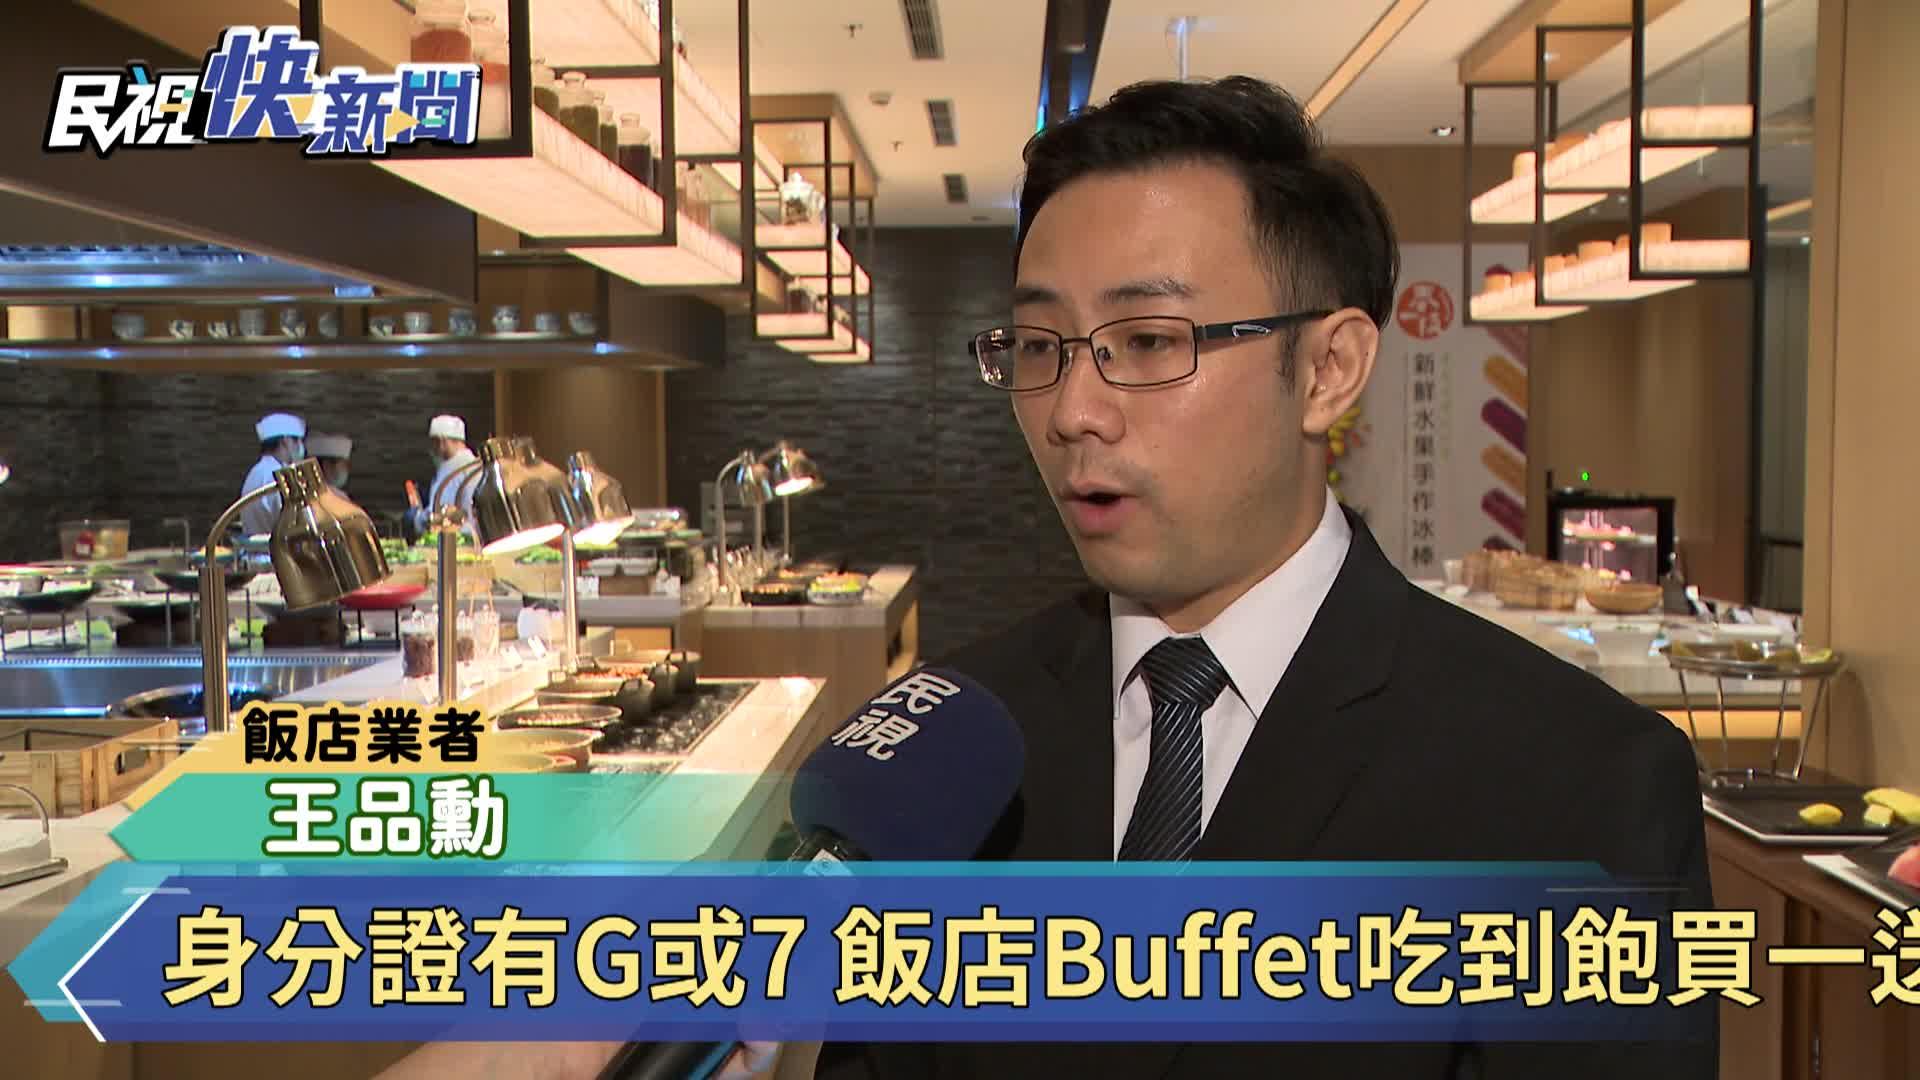 身分證有G或7 飯店Buffet吃到飽買一送一